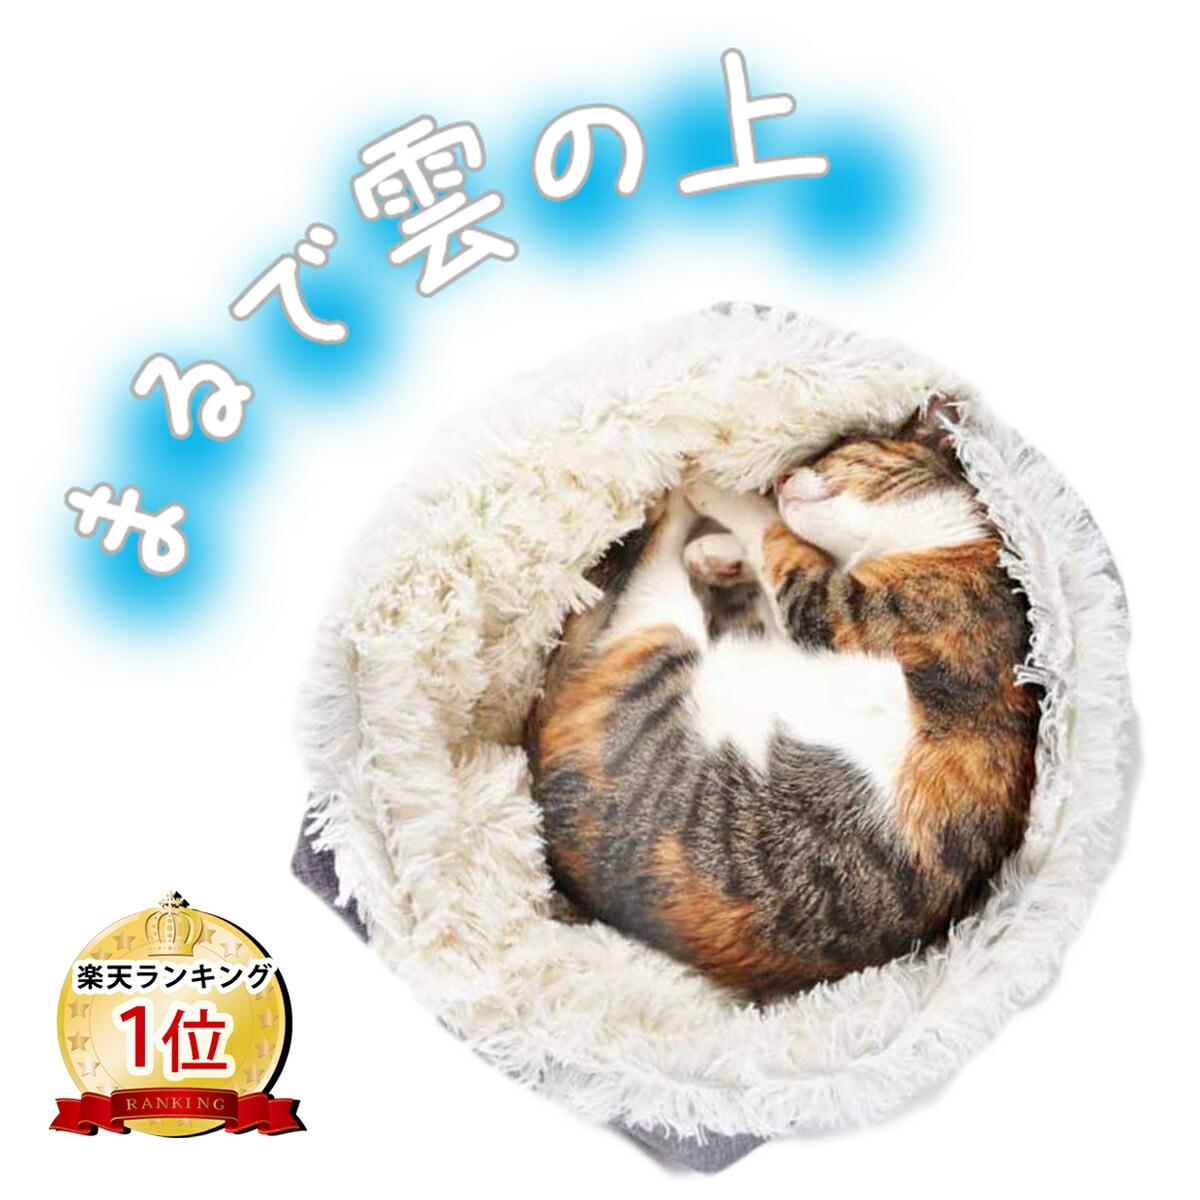 ふわもふ猫ベッド